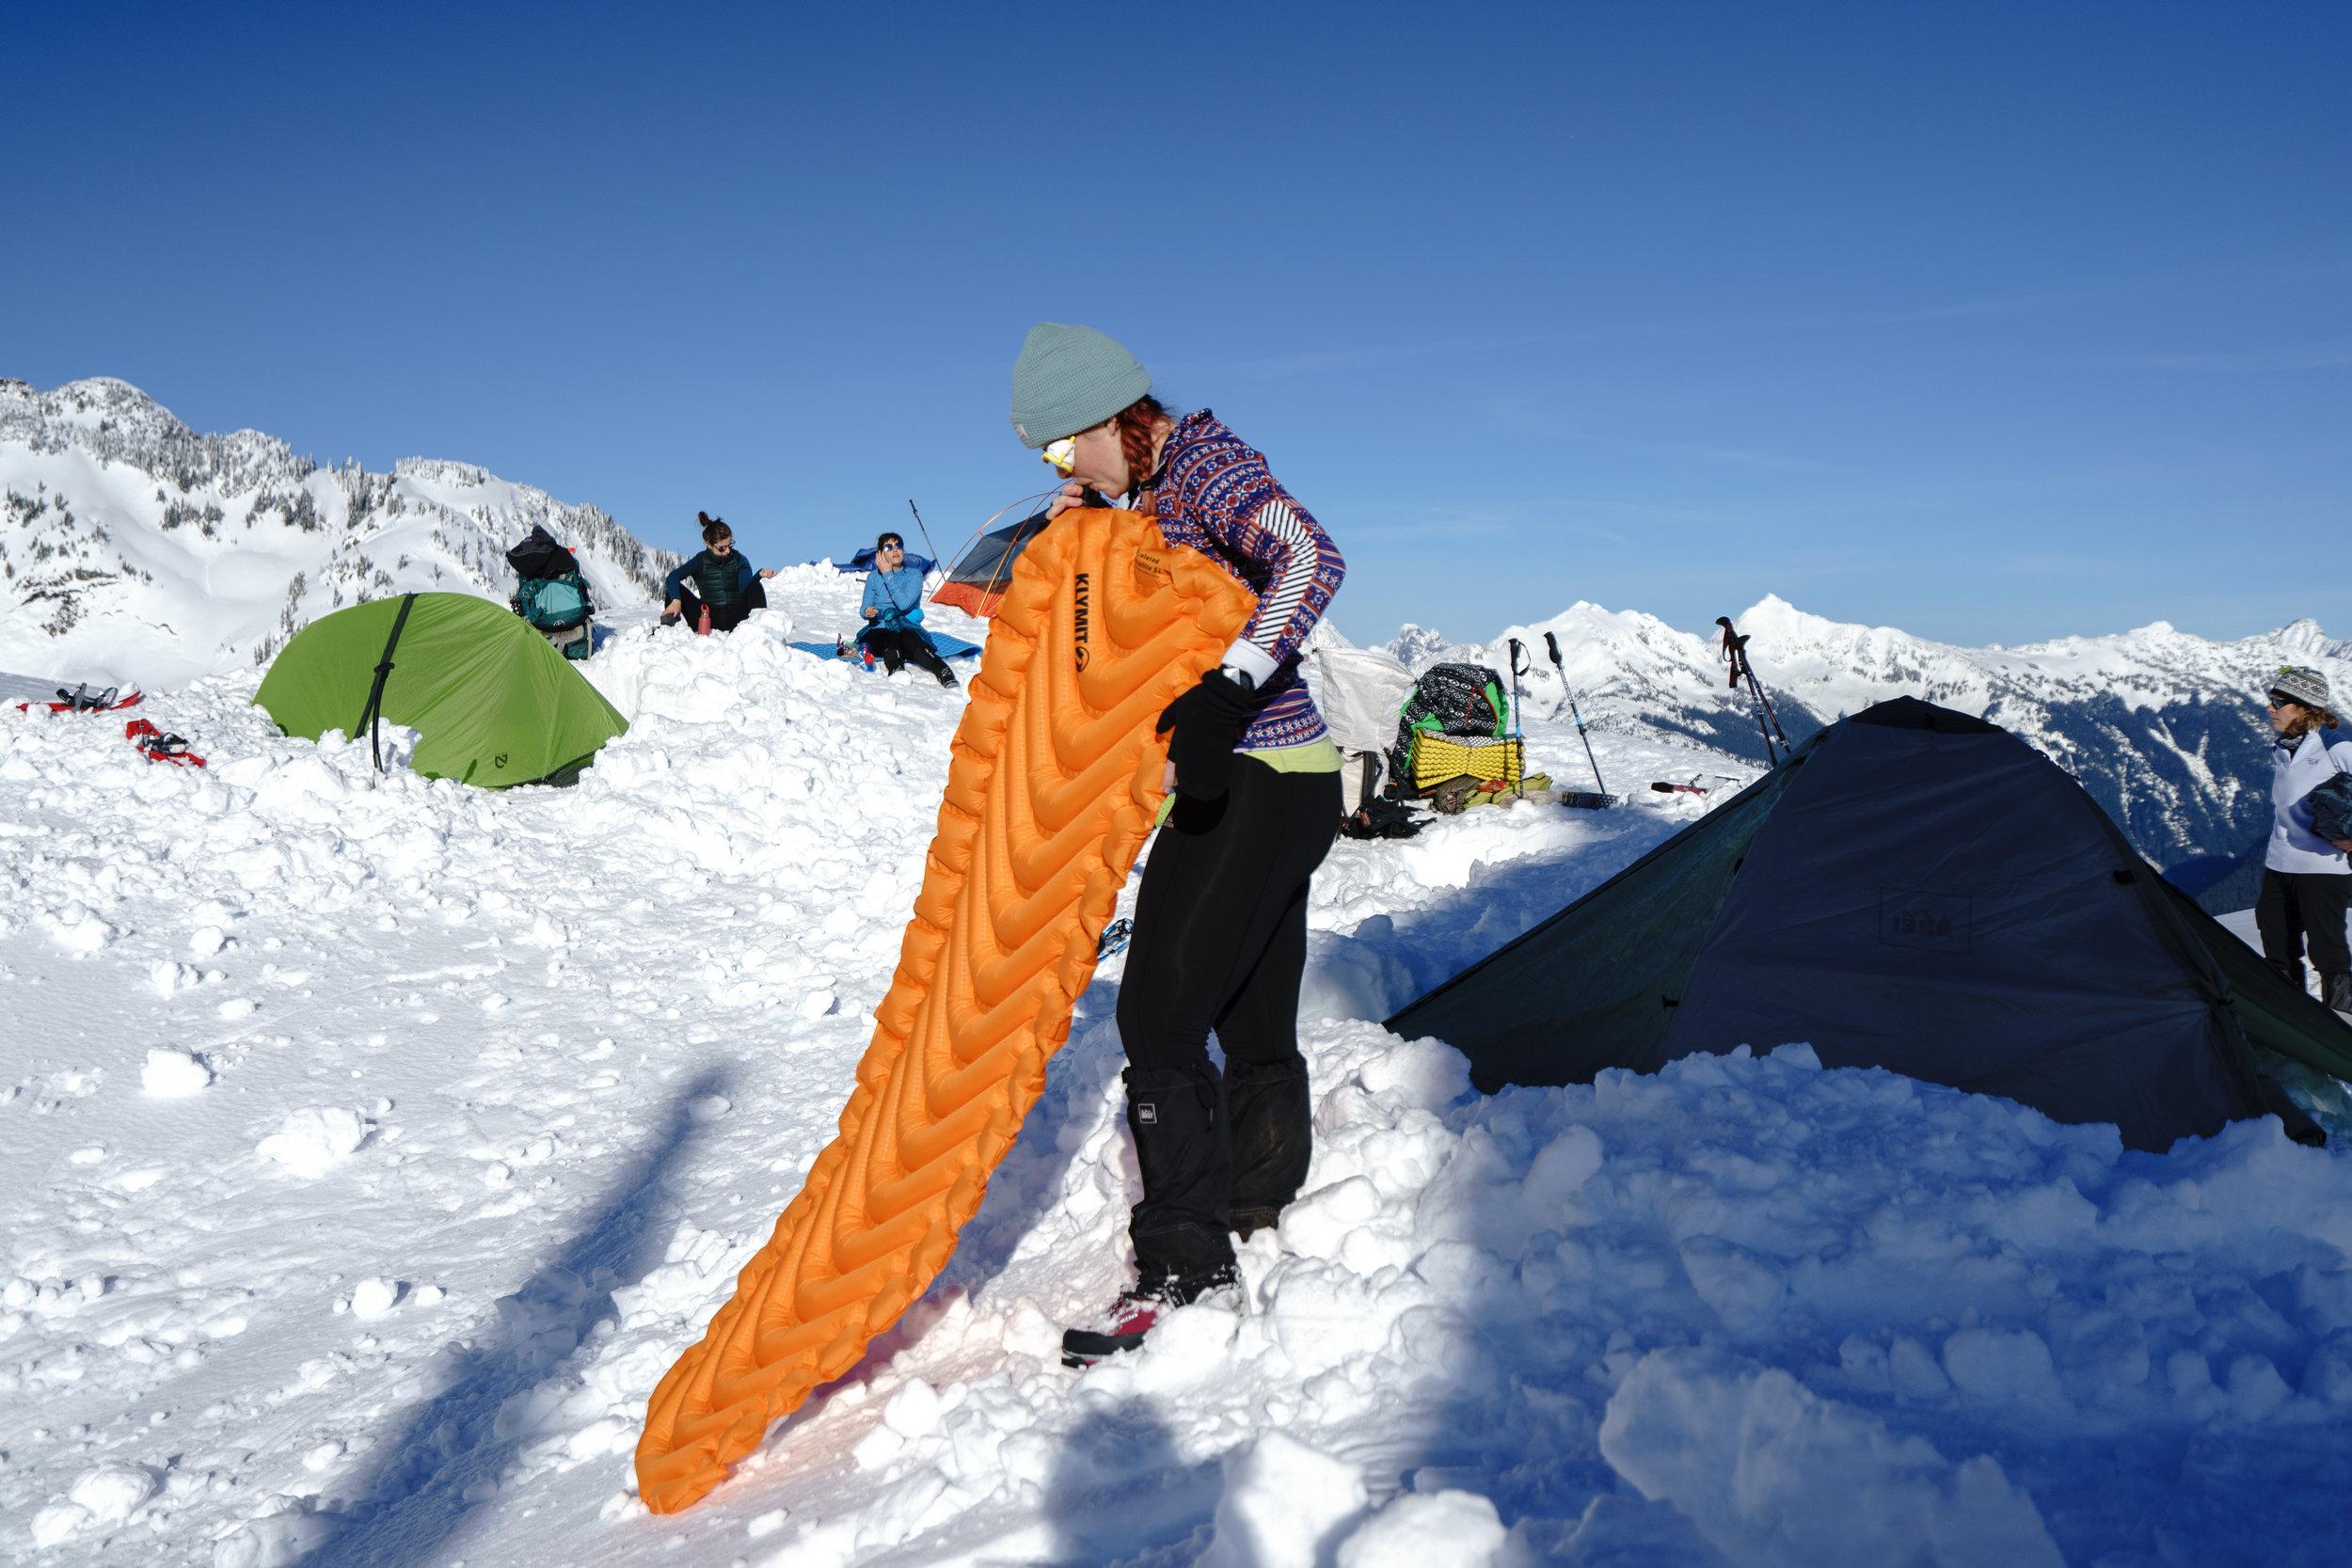 Kaelee setting up camp